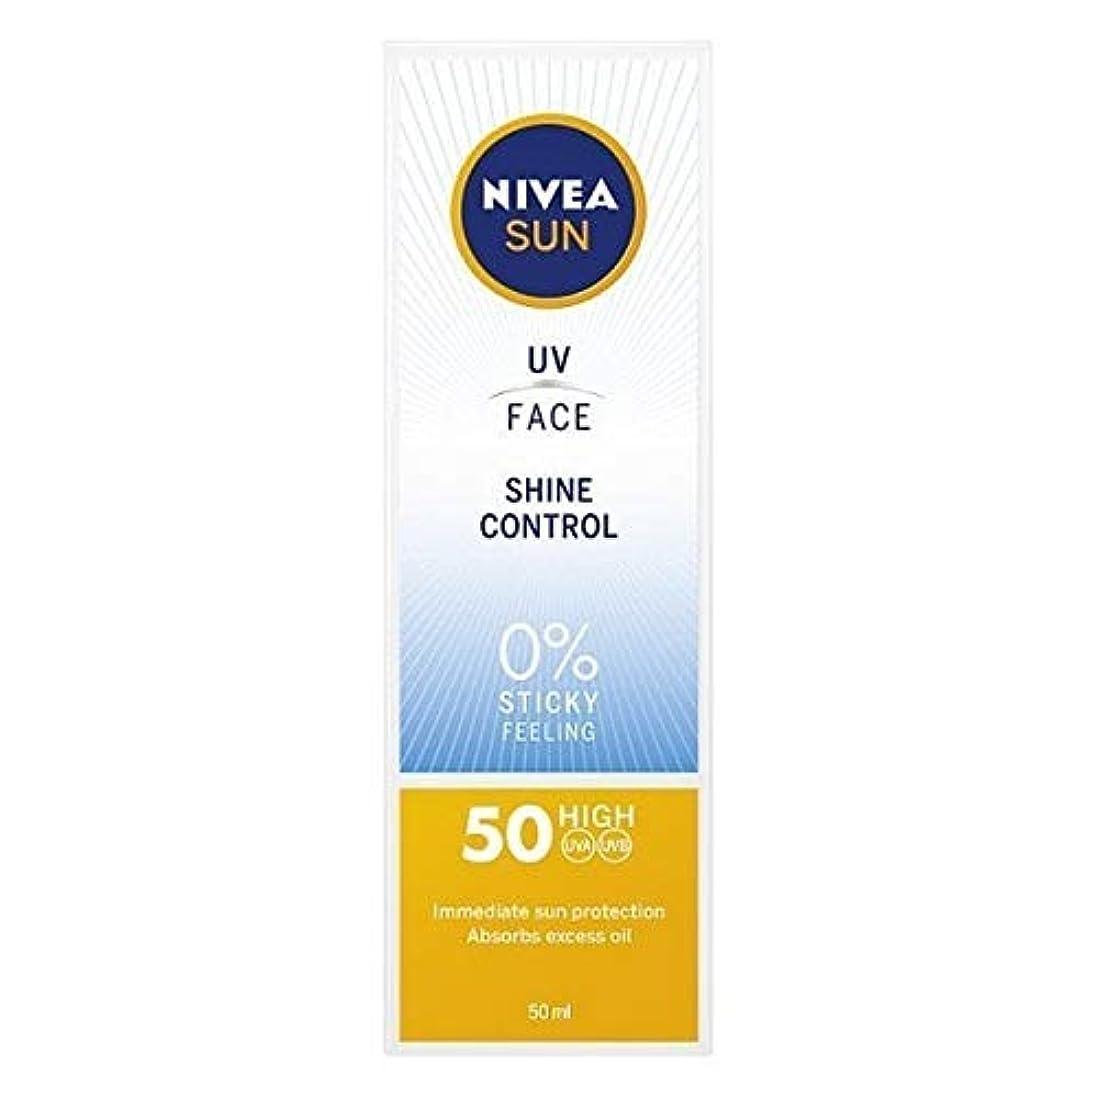 経由で同級生インストール[Nivea ] ニベアサンUv顔日焼け止めクリームのSpf 50、輝き制御、50ミリリットル - NIVEA SUN UV Face Suncream SPF 50, Shine Control, 50ml [並行輸入品]